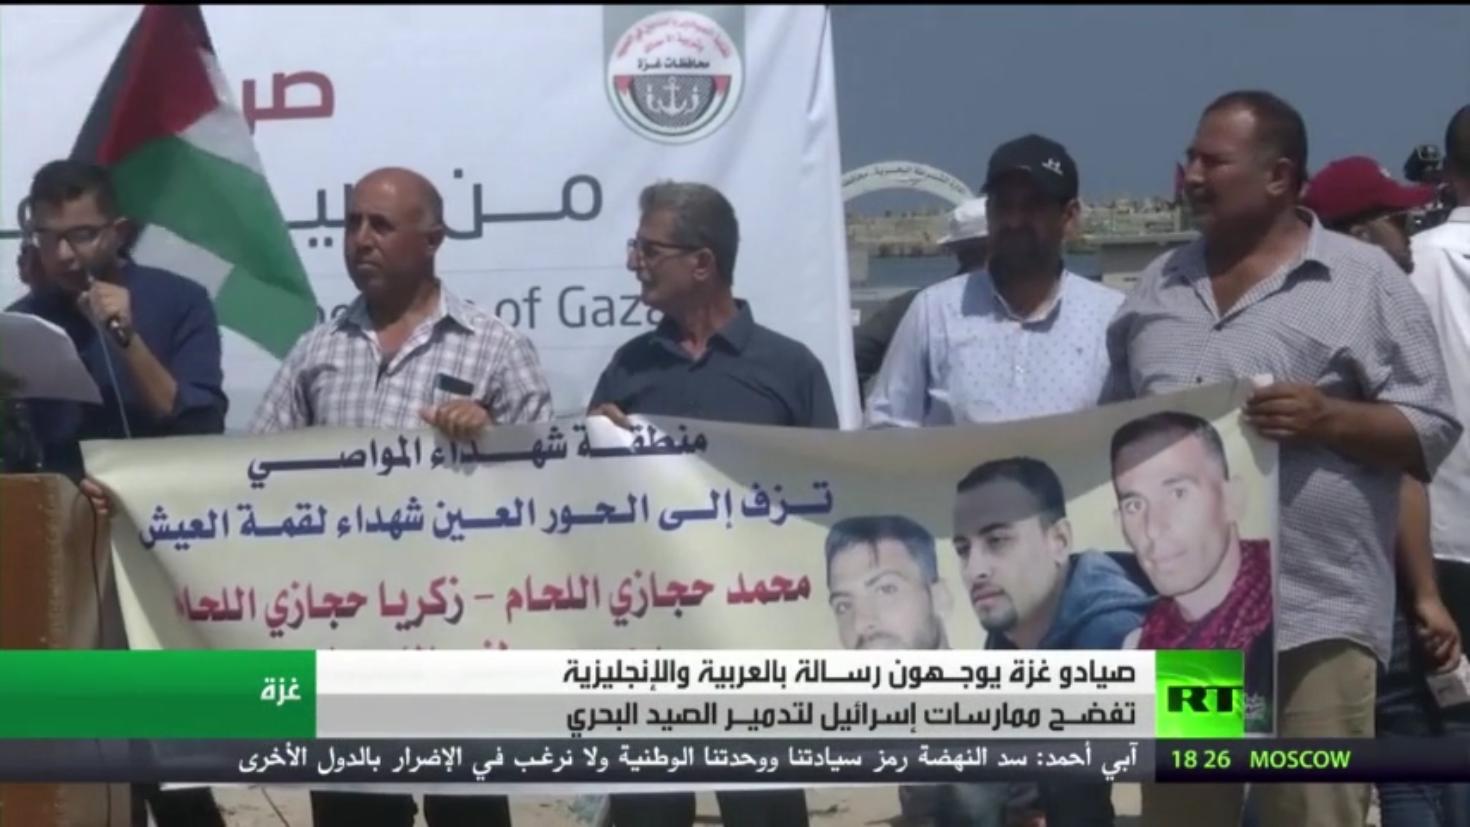 نقابة صيادي غزة: إسرائيل دمرت الصيد البحري